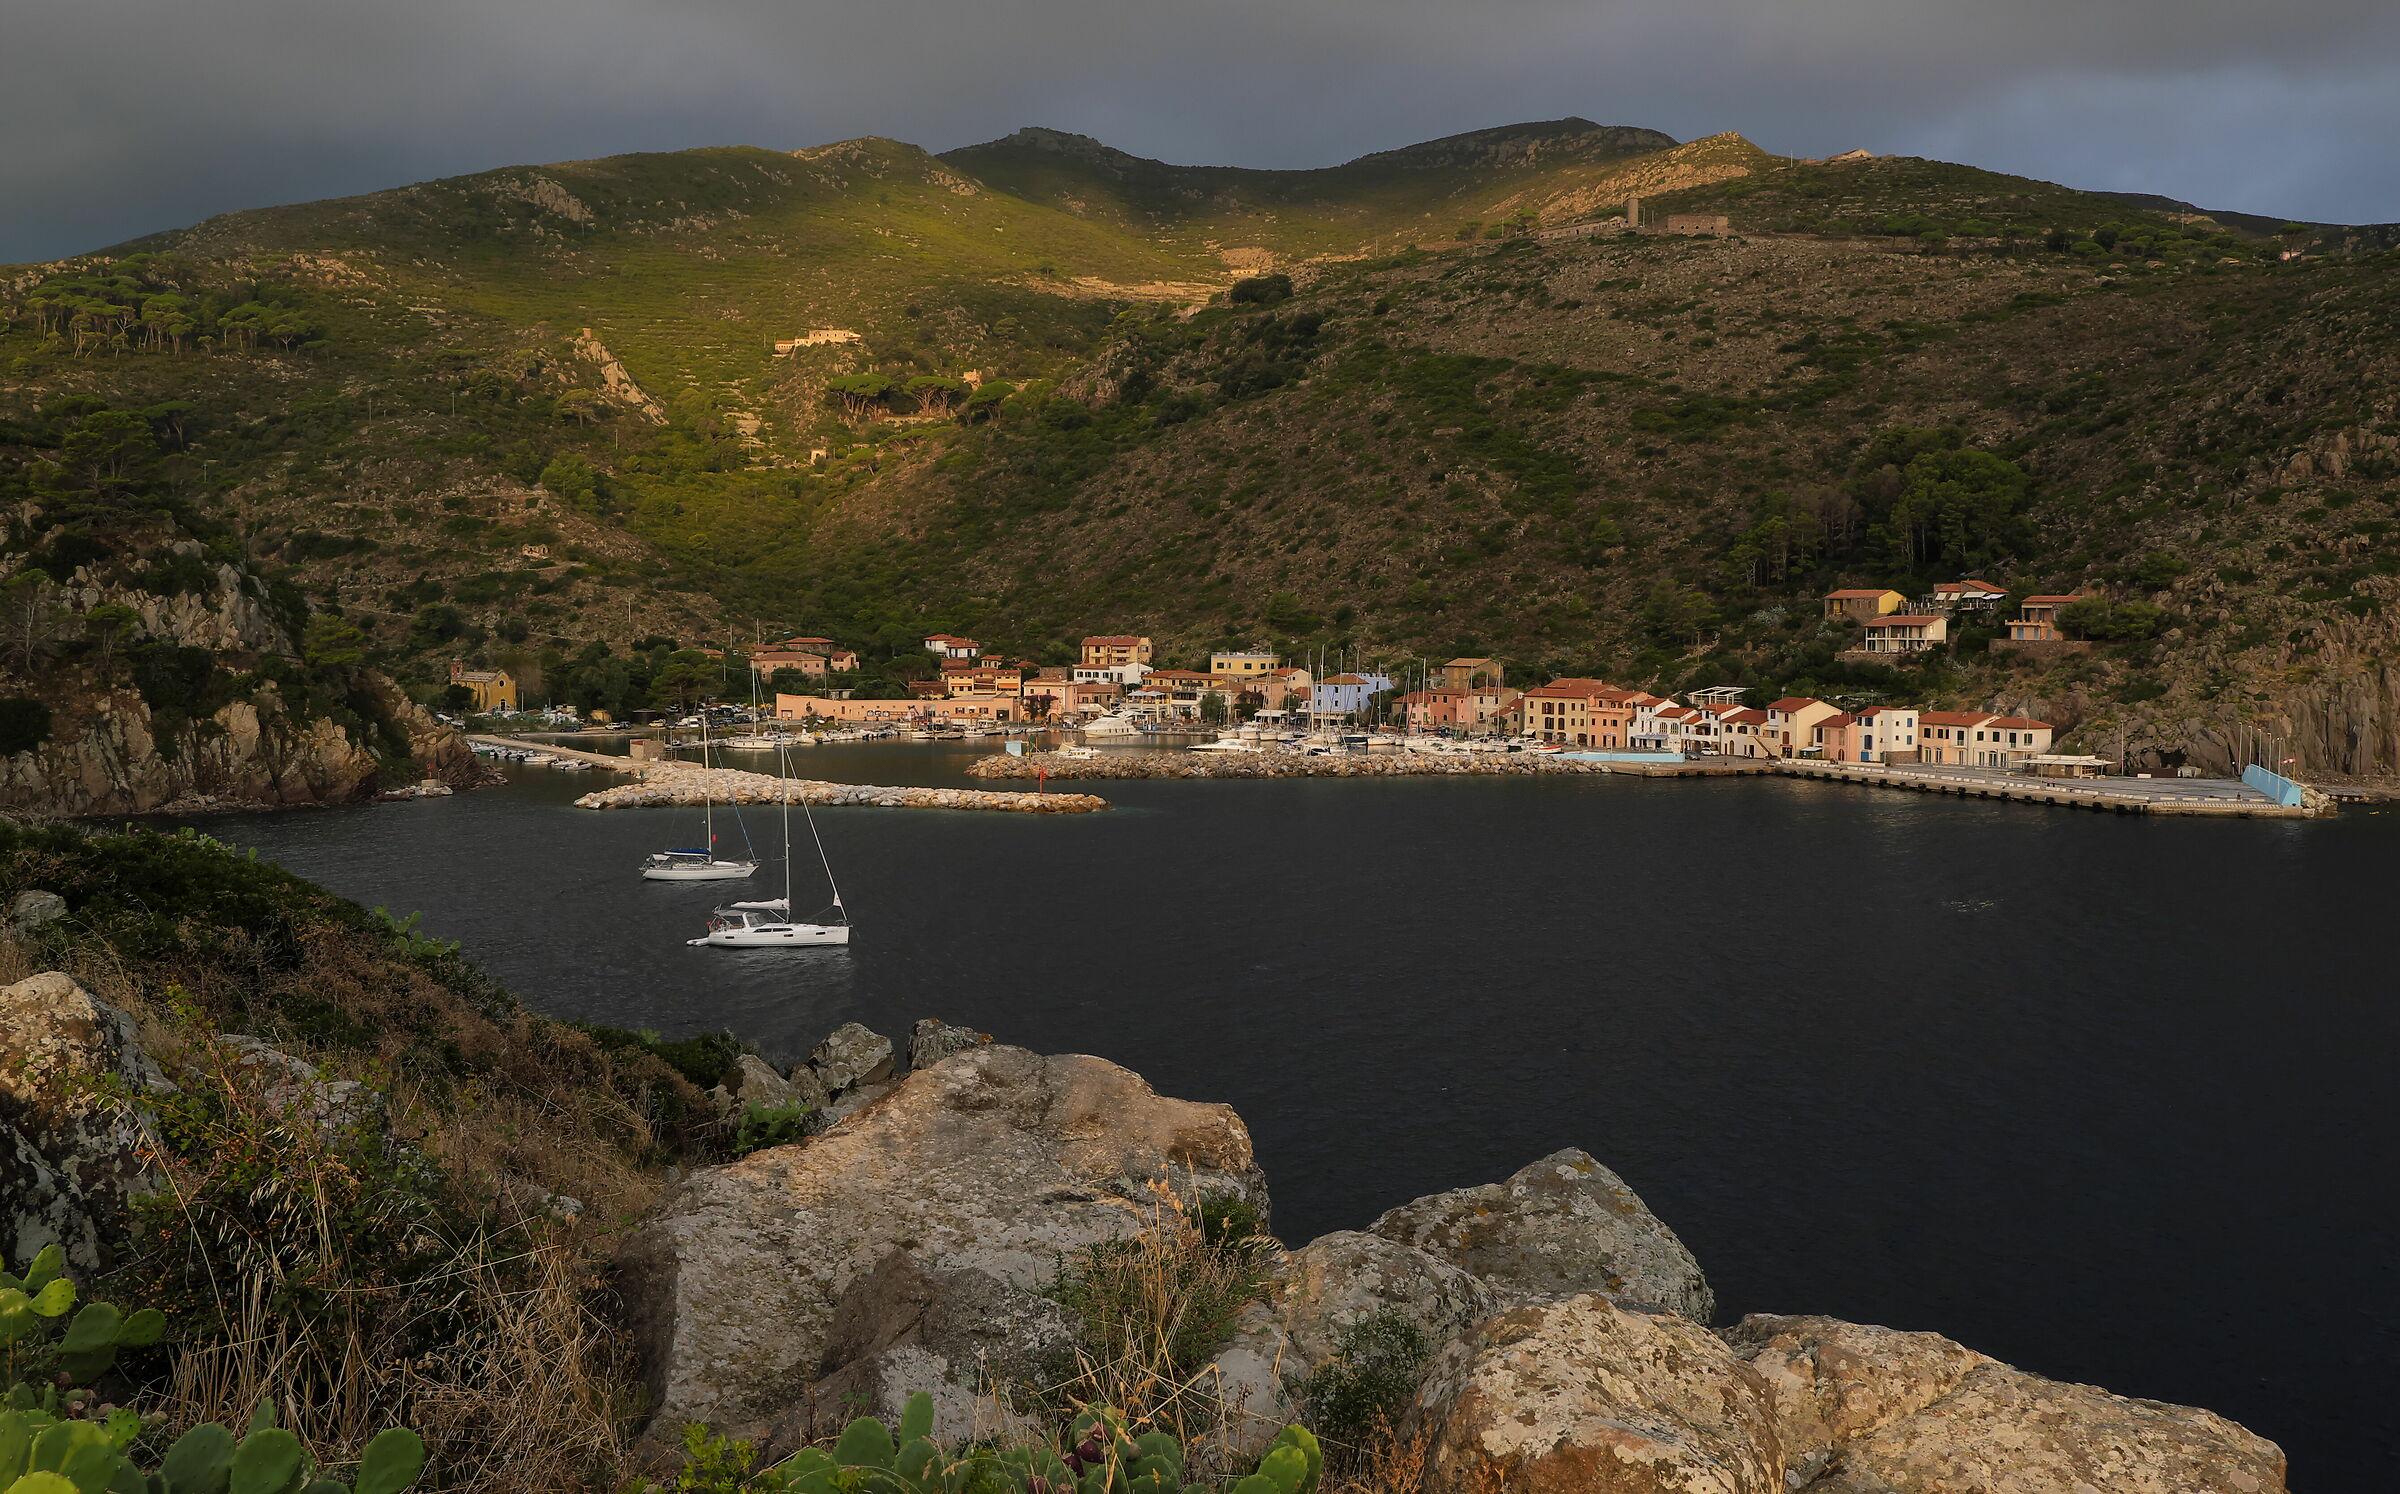 Il porto di Capraia Isola, nella sua cornice...